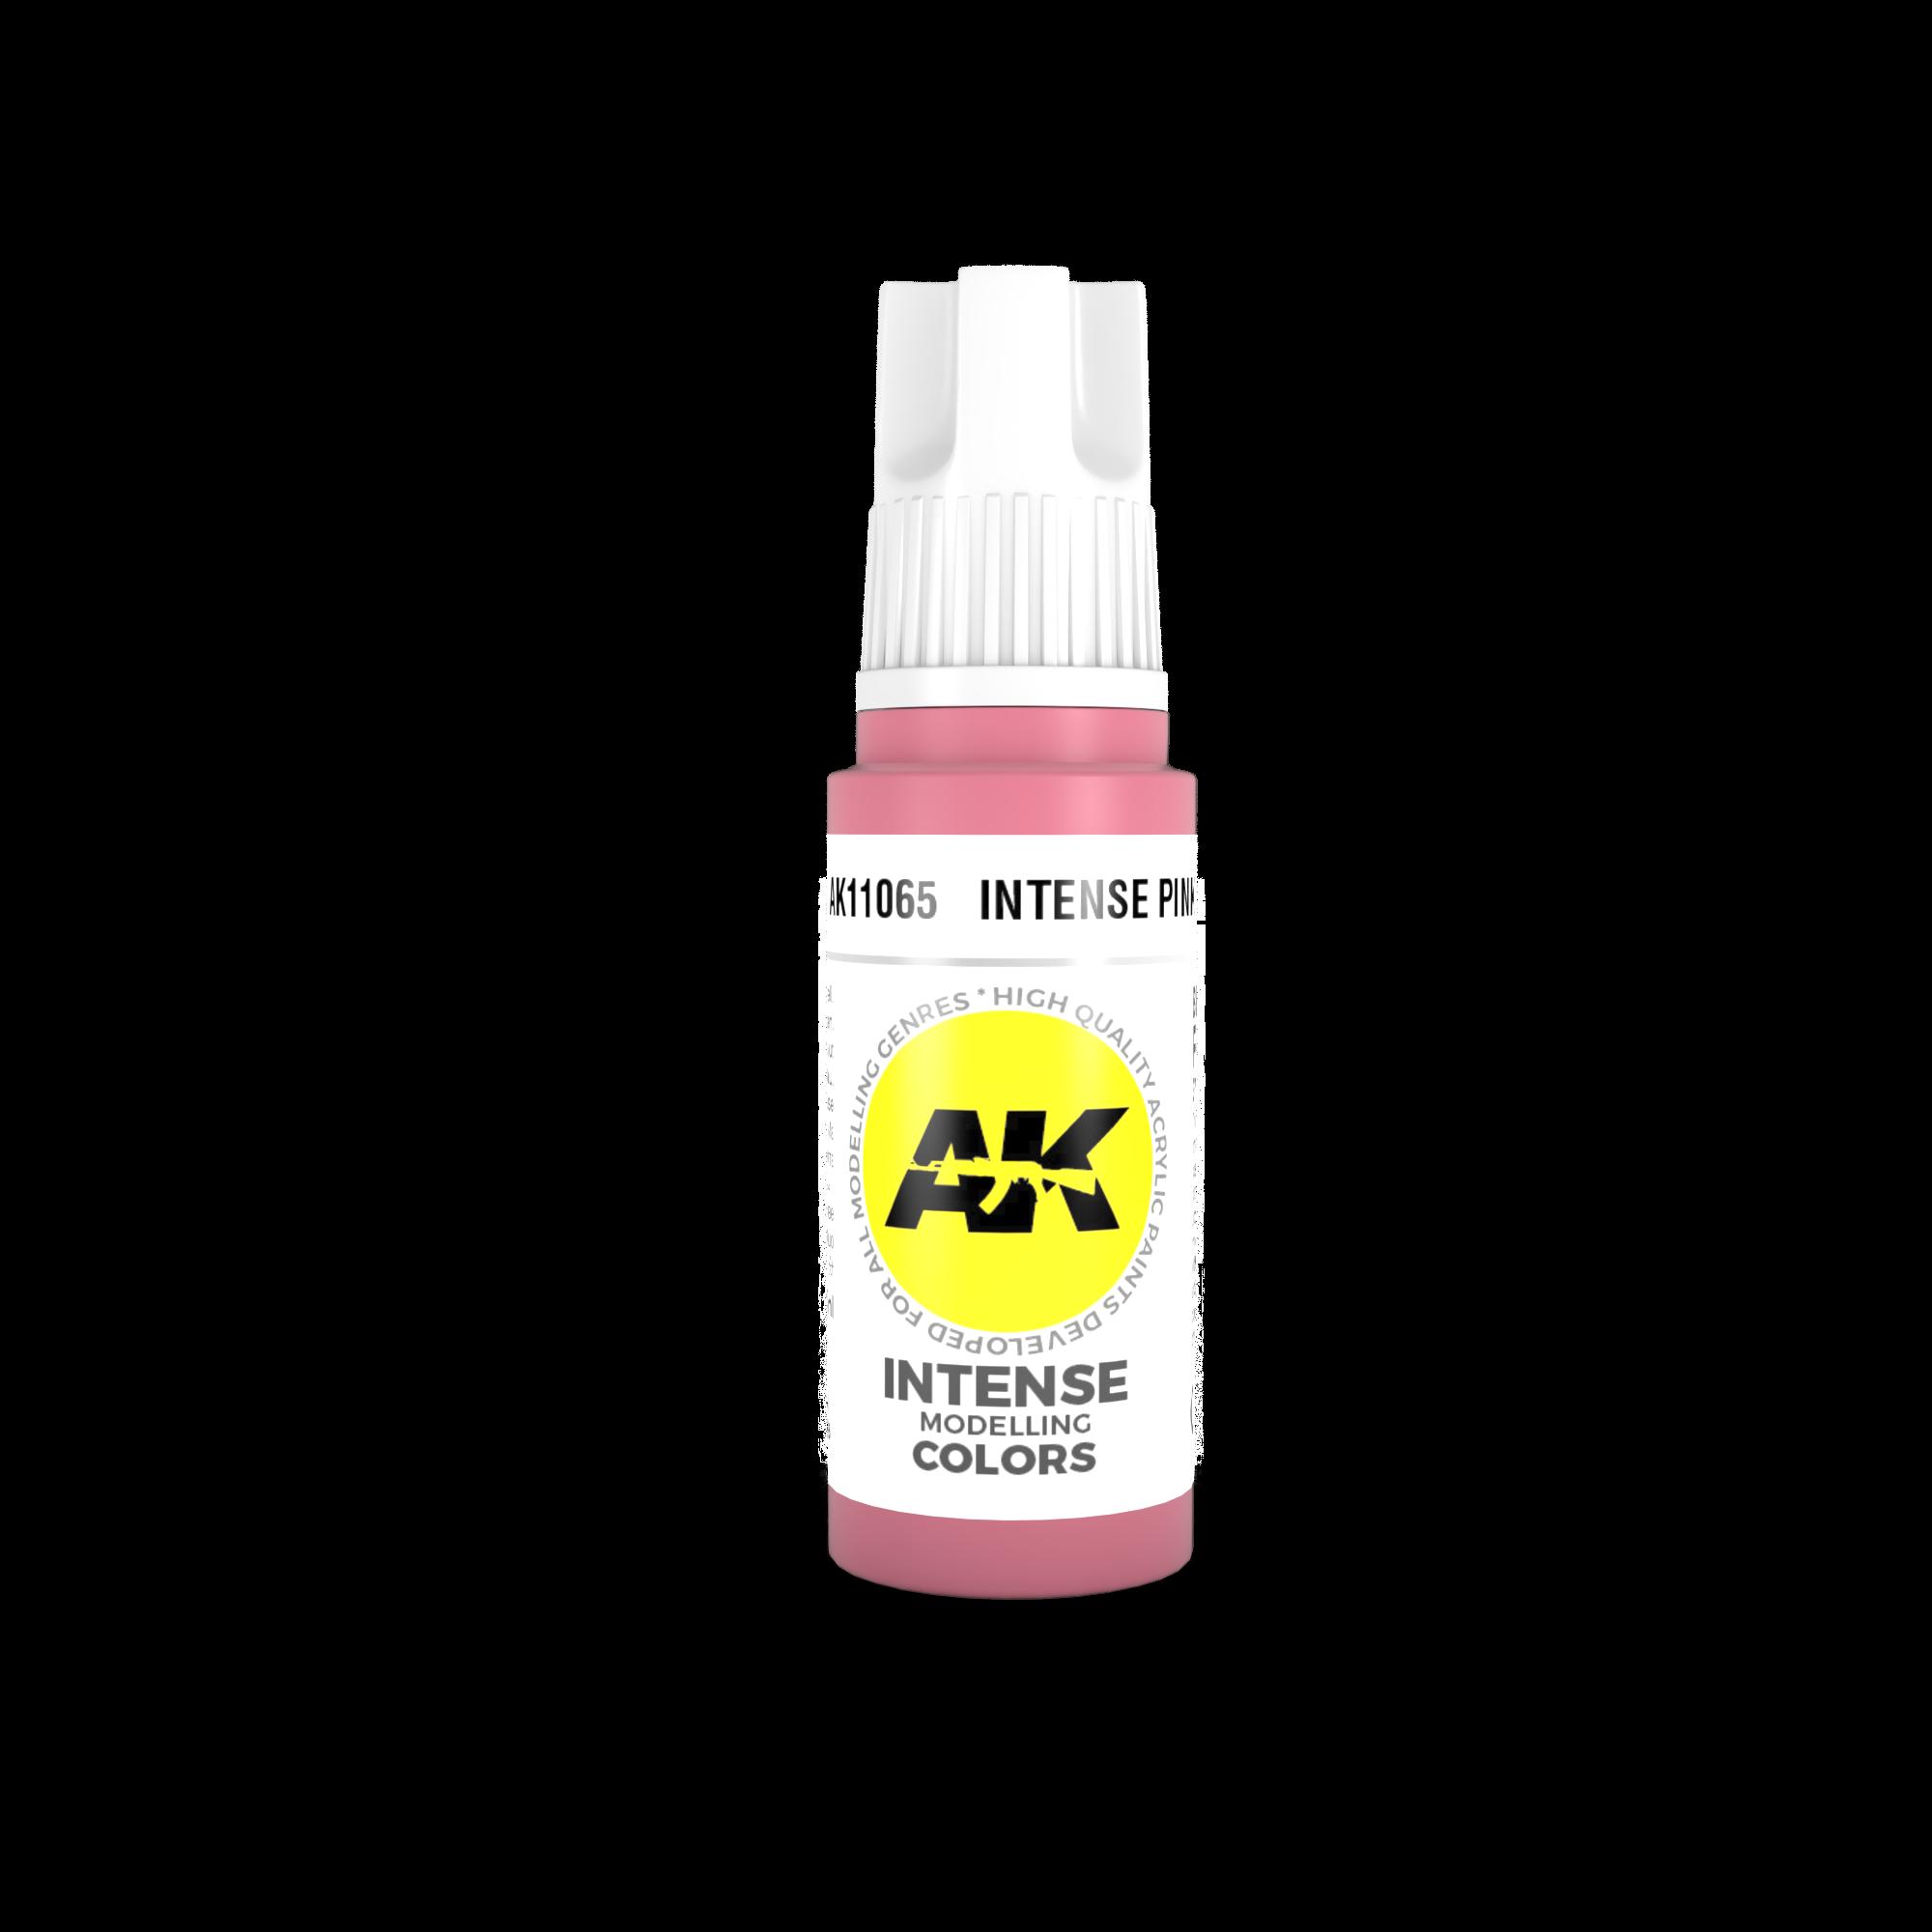 AK-Interactive Intense Pink Acrylic Modelling Color - 17ml - AK-11065